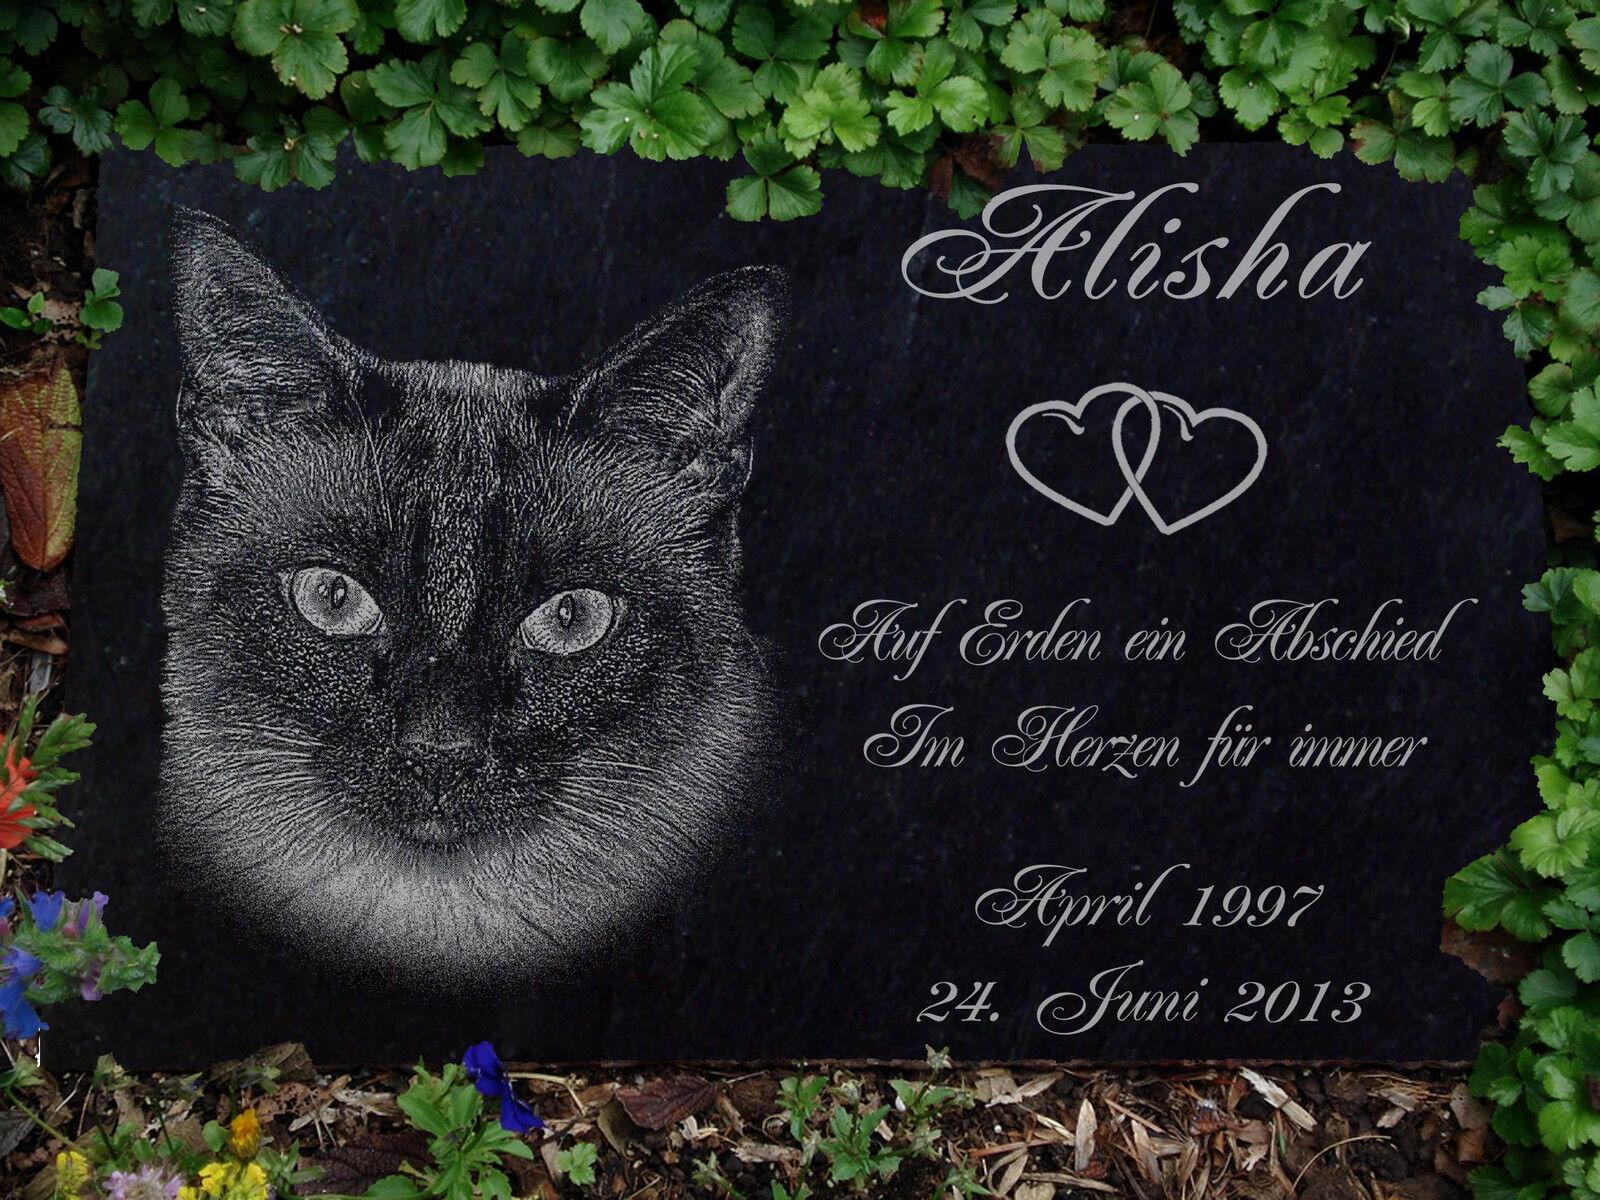 Grabstein Gedenkstein Gedenkplatte Siam Katzen Katze-010 ►Textgravur◄ 50 x 25 cm